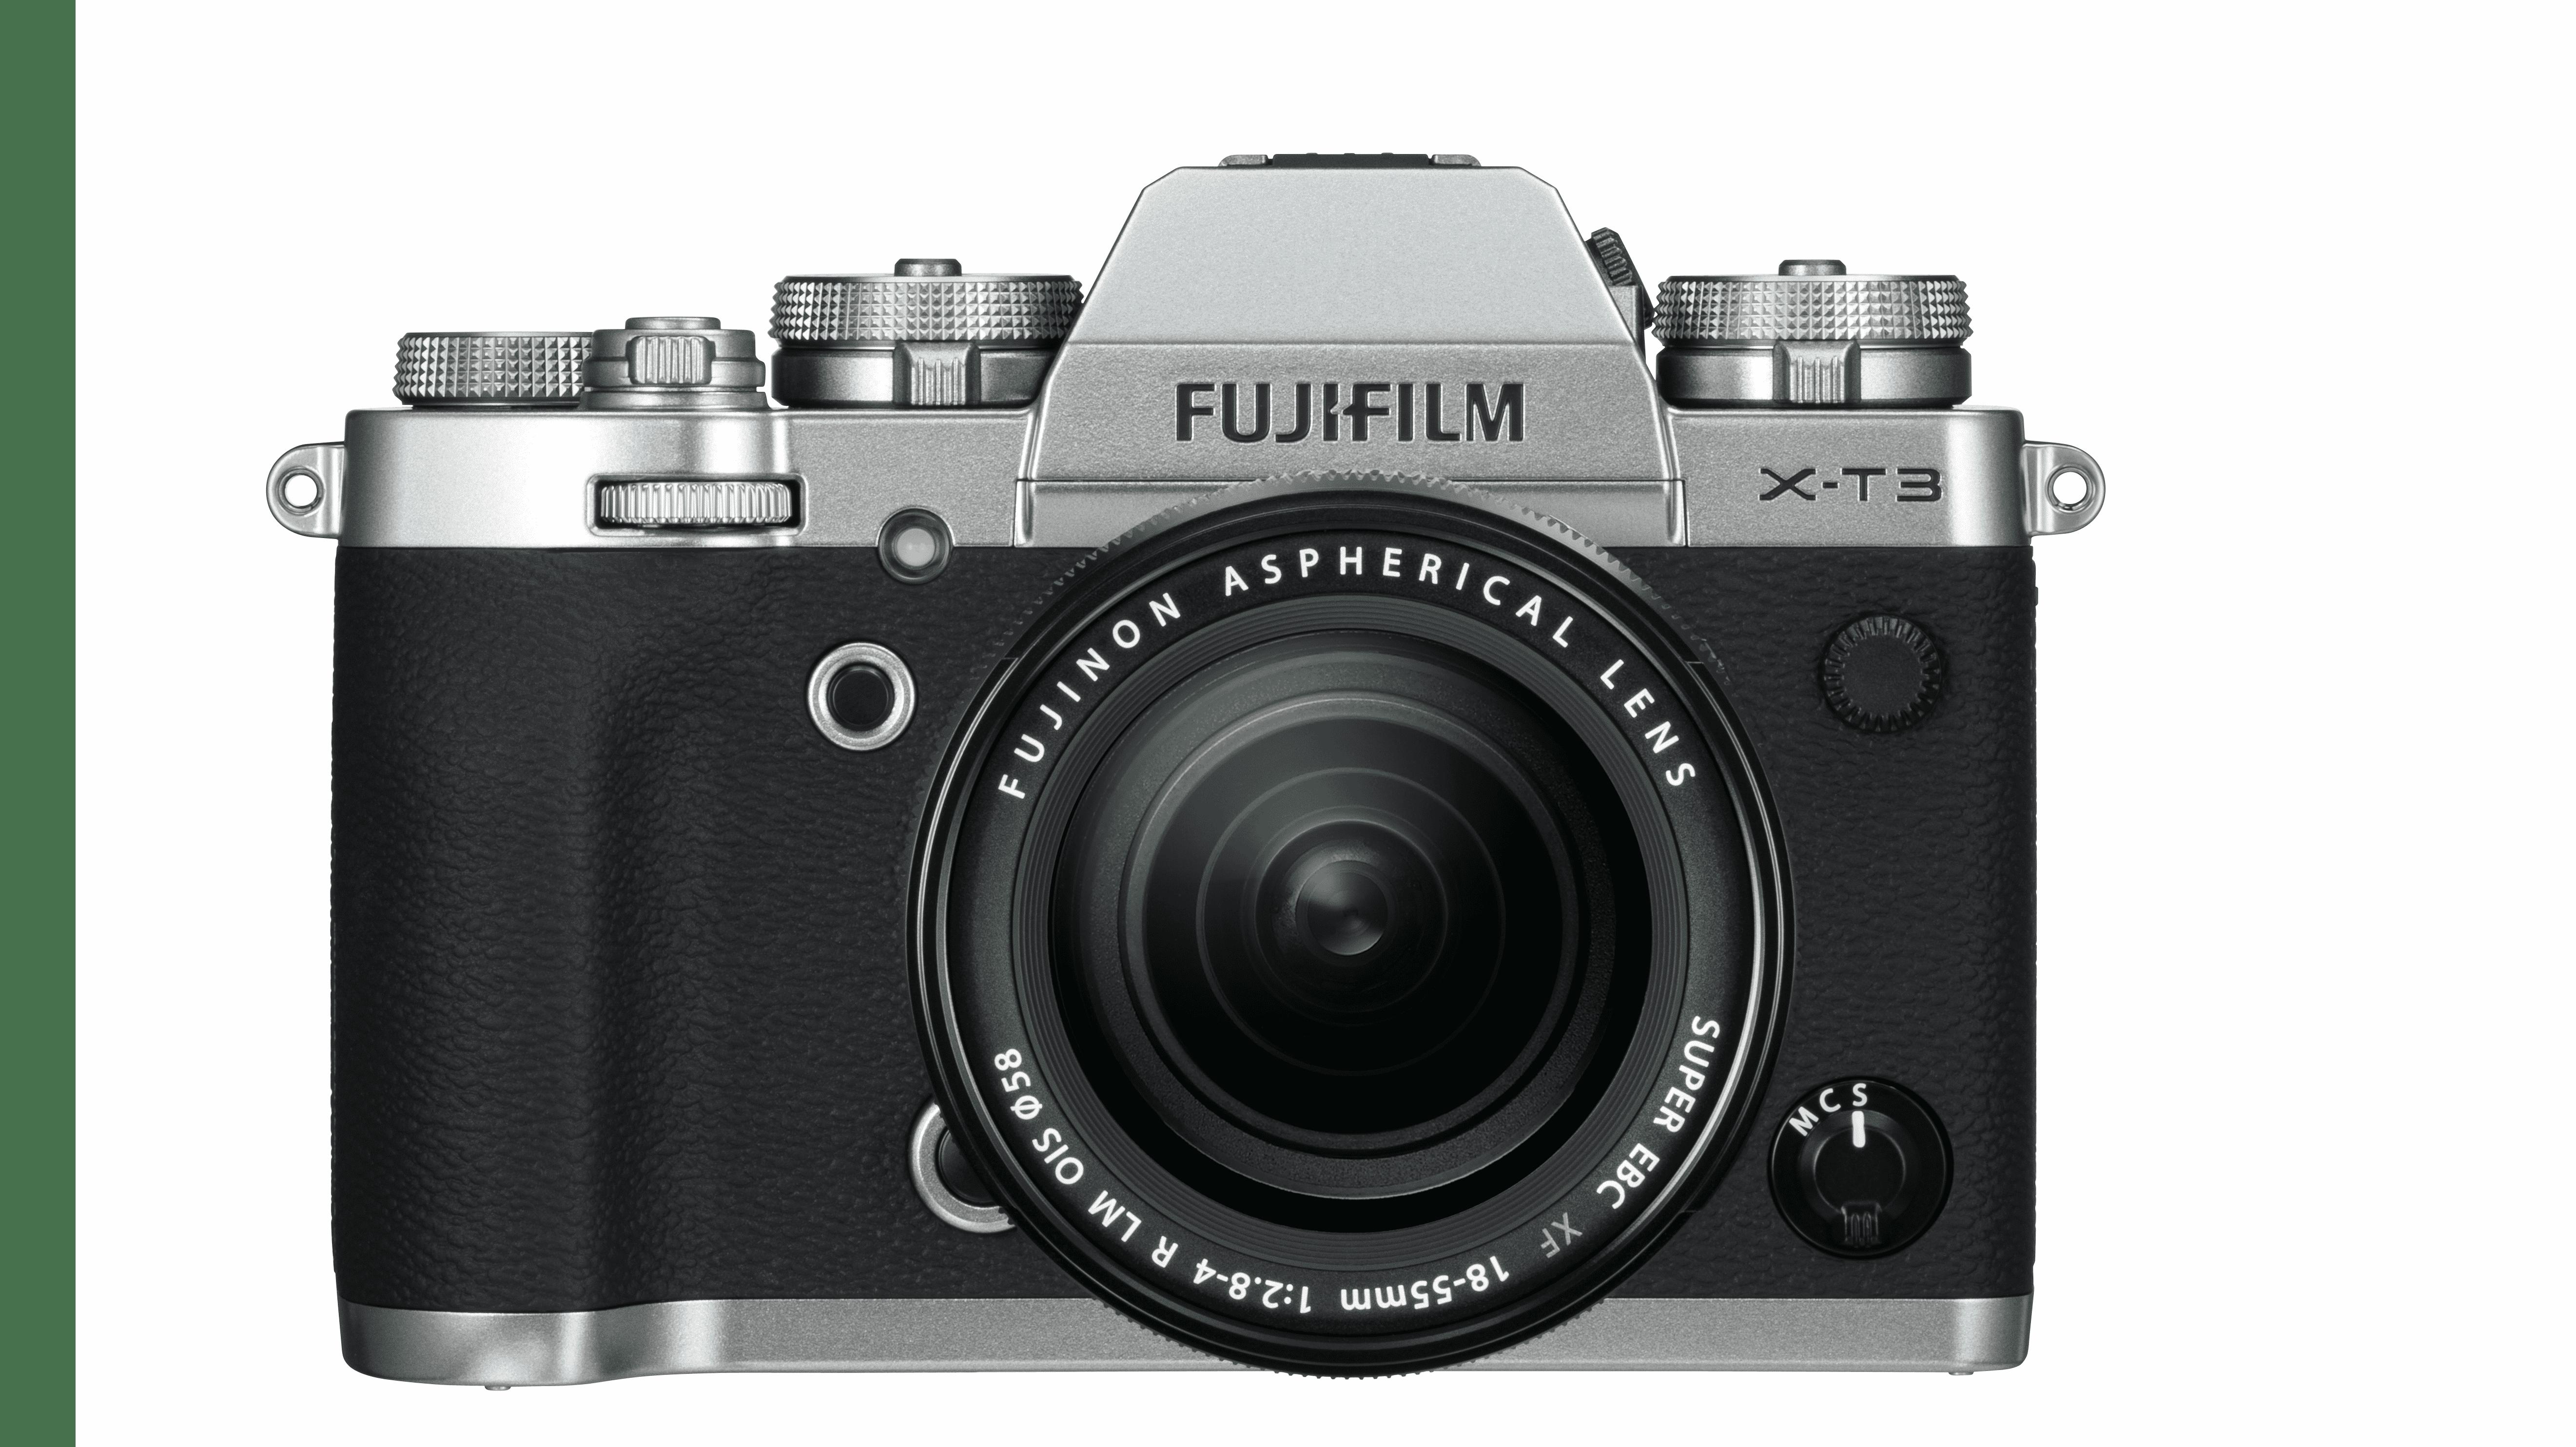 Fujifilm X-T3: Spiegellose Systemkamera mit neuem Sensor